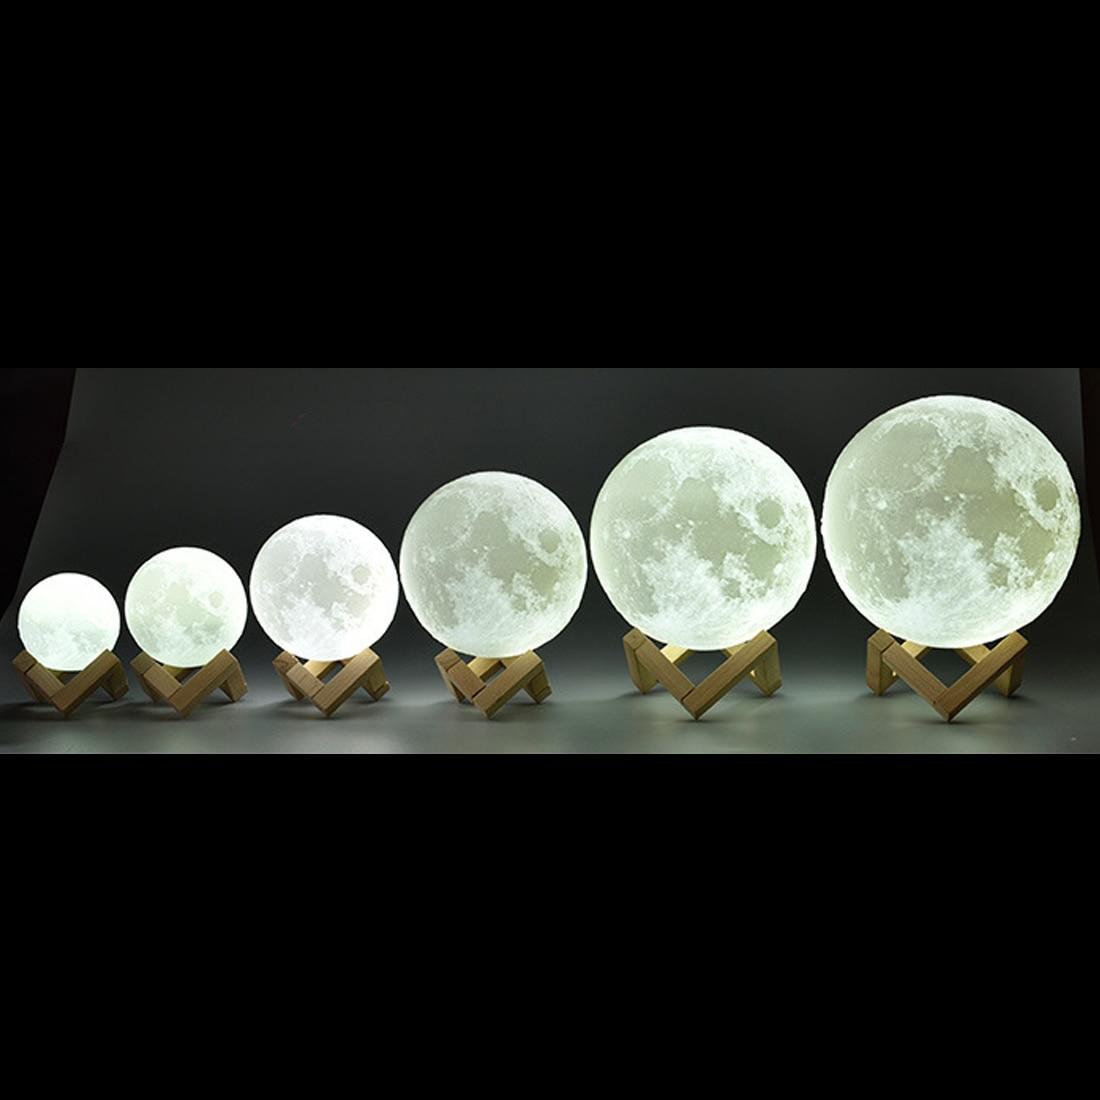 Lampe de lune cadeau créatif, lampe Rechargeable, 2 changement de couleur, interrupteur tactile en 3D, lampe de chambre en lune, bibliothèque pour cadeaux créatifs